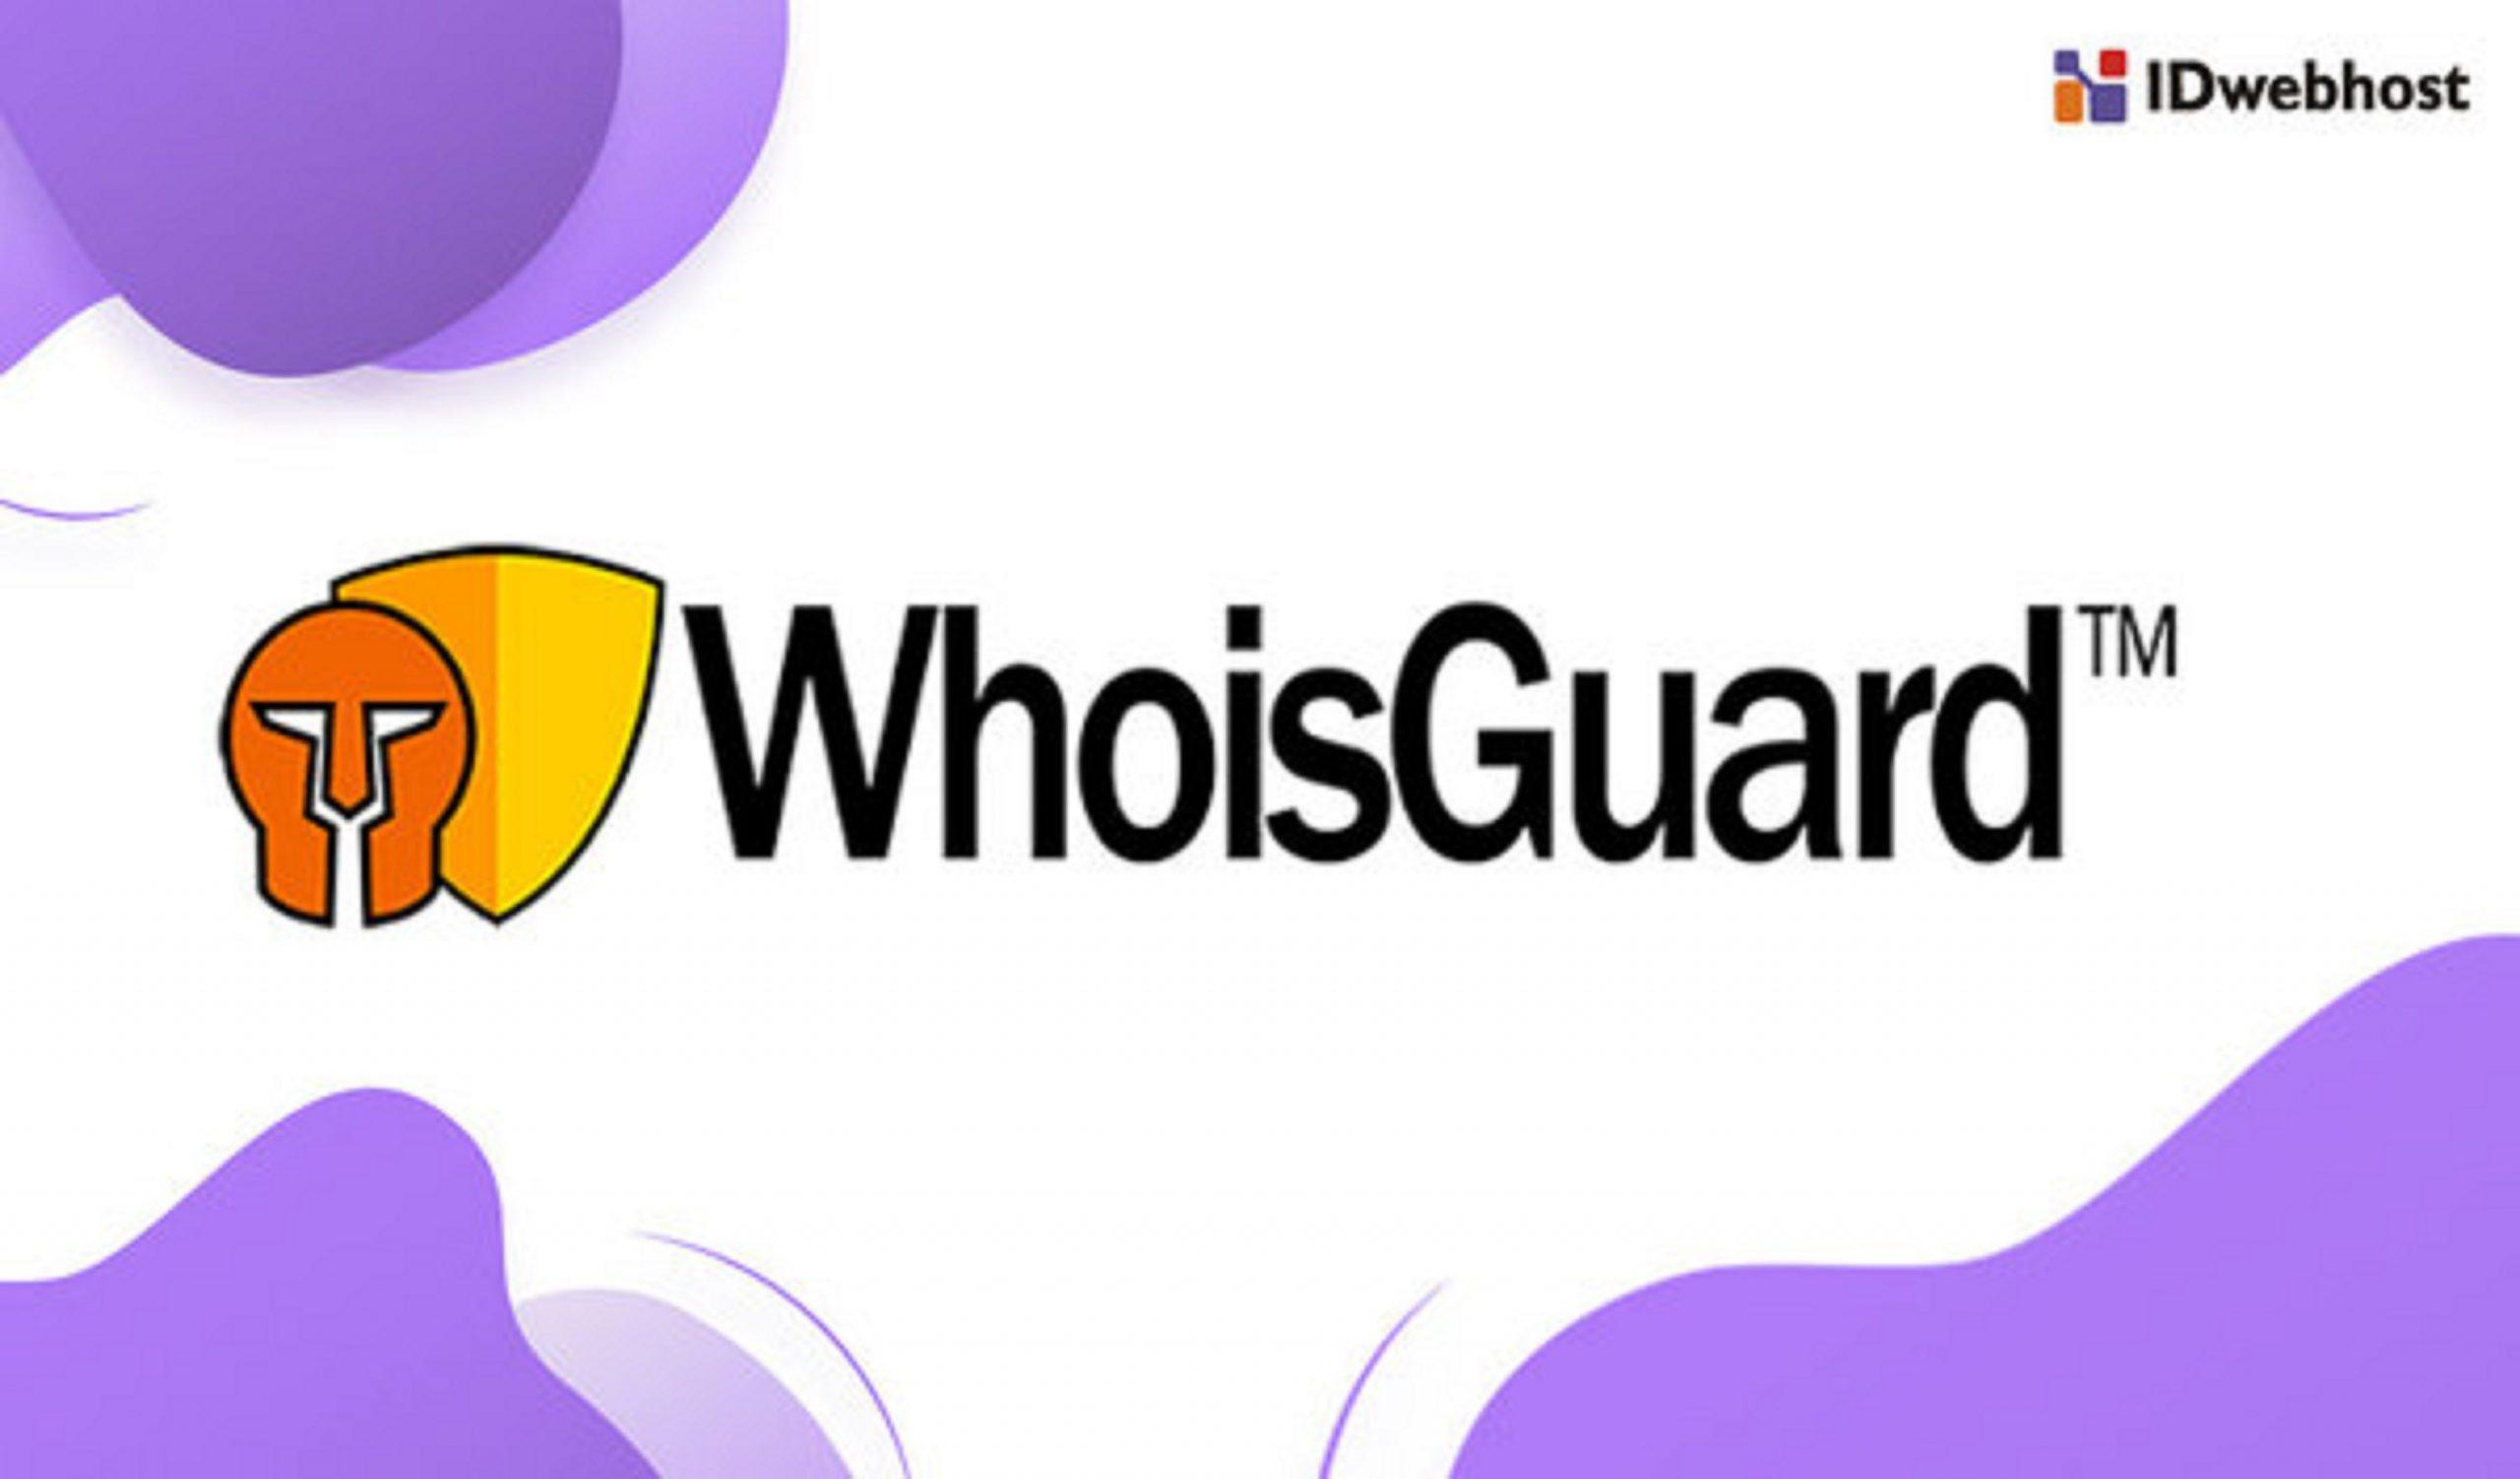 Perlukah menggunakan whoisguar untuk domain anda?